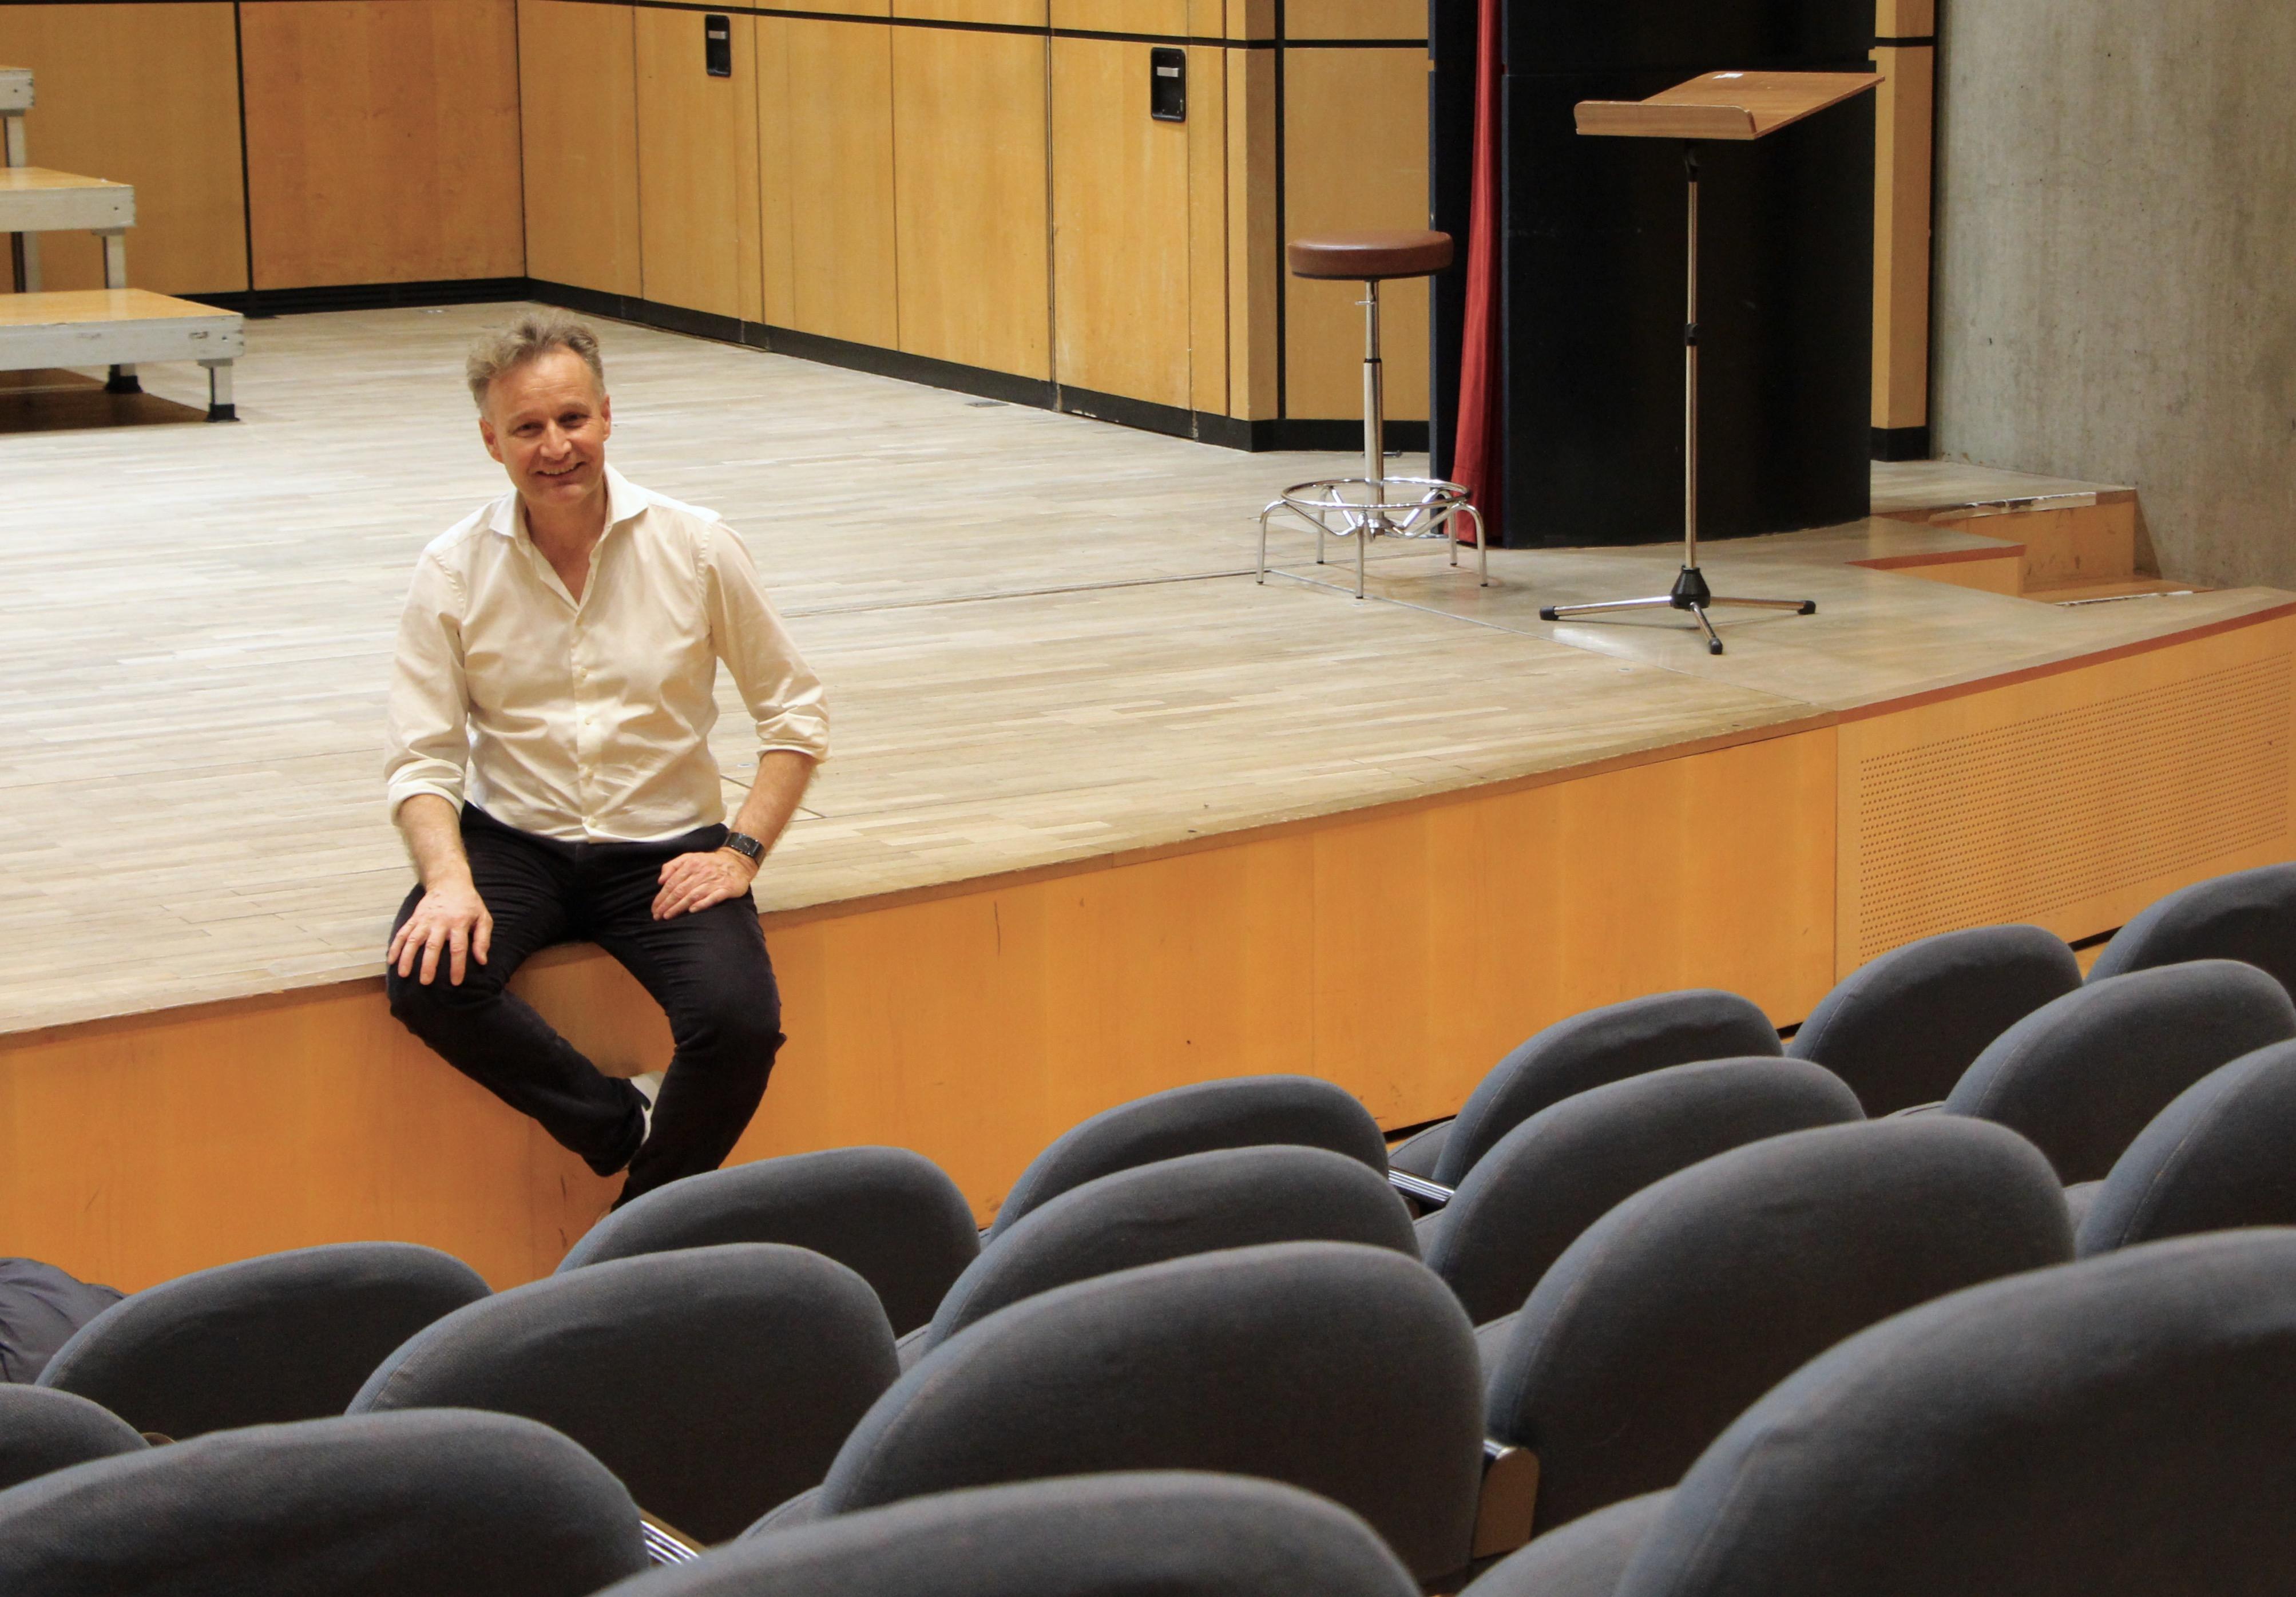 Philippe Béran après la répétition ©Eugénie Rousak